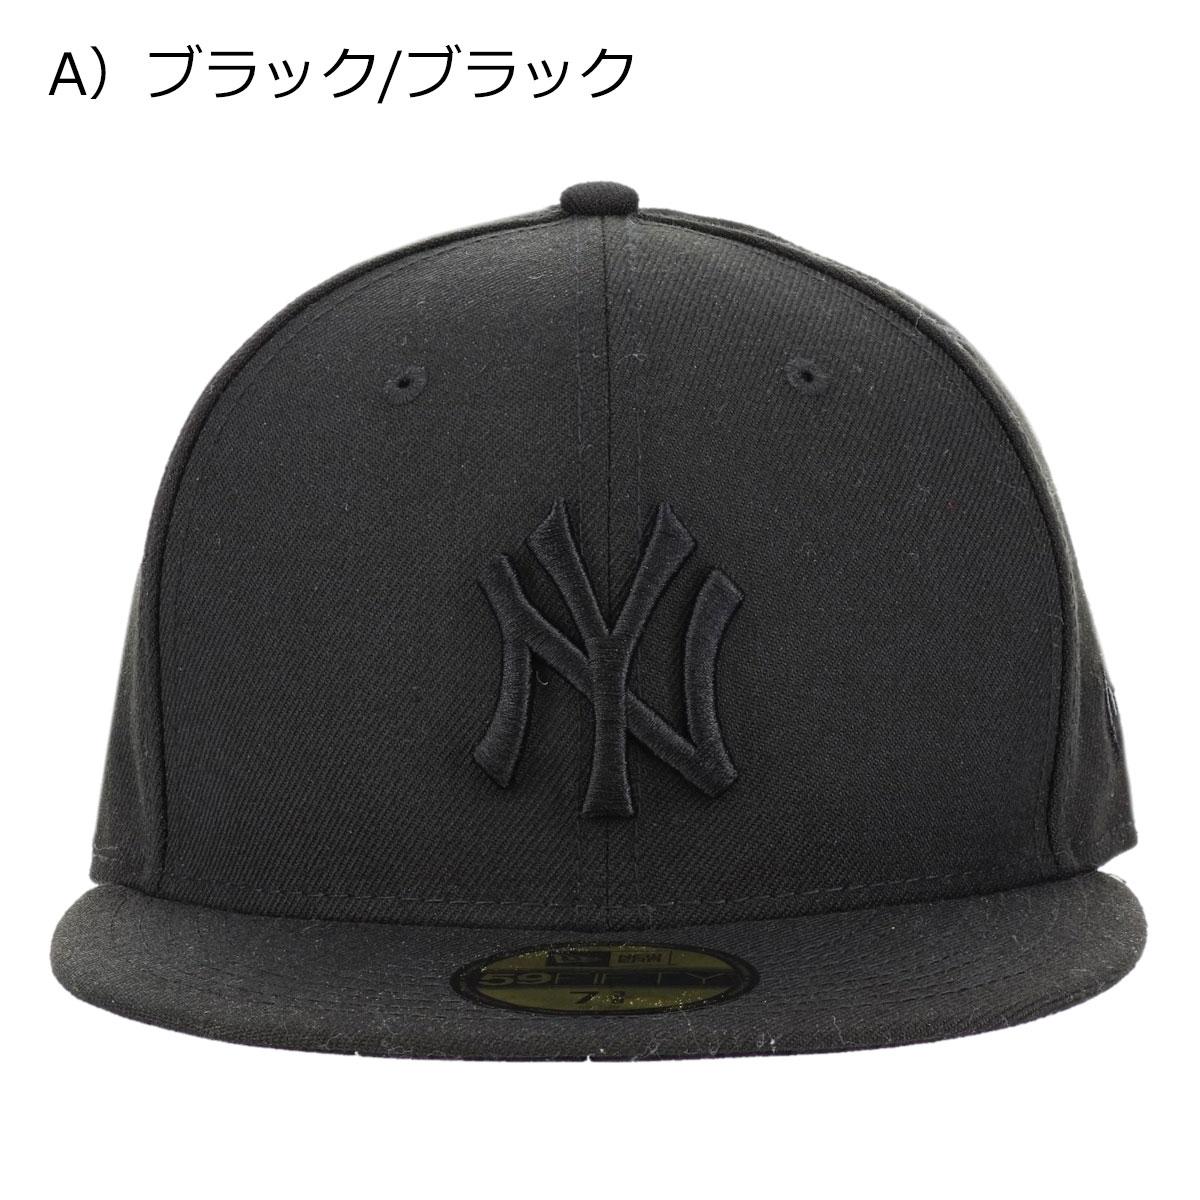 A)ブラック/ブラック